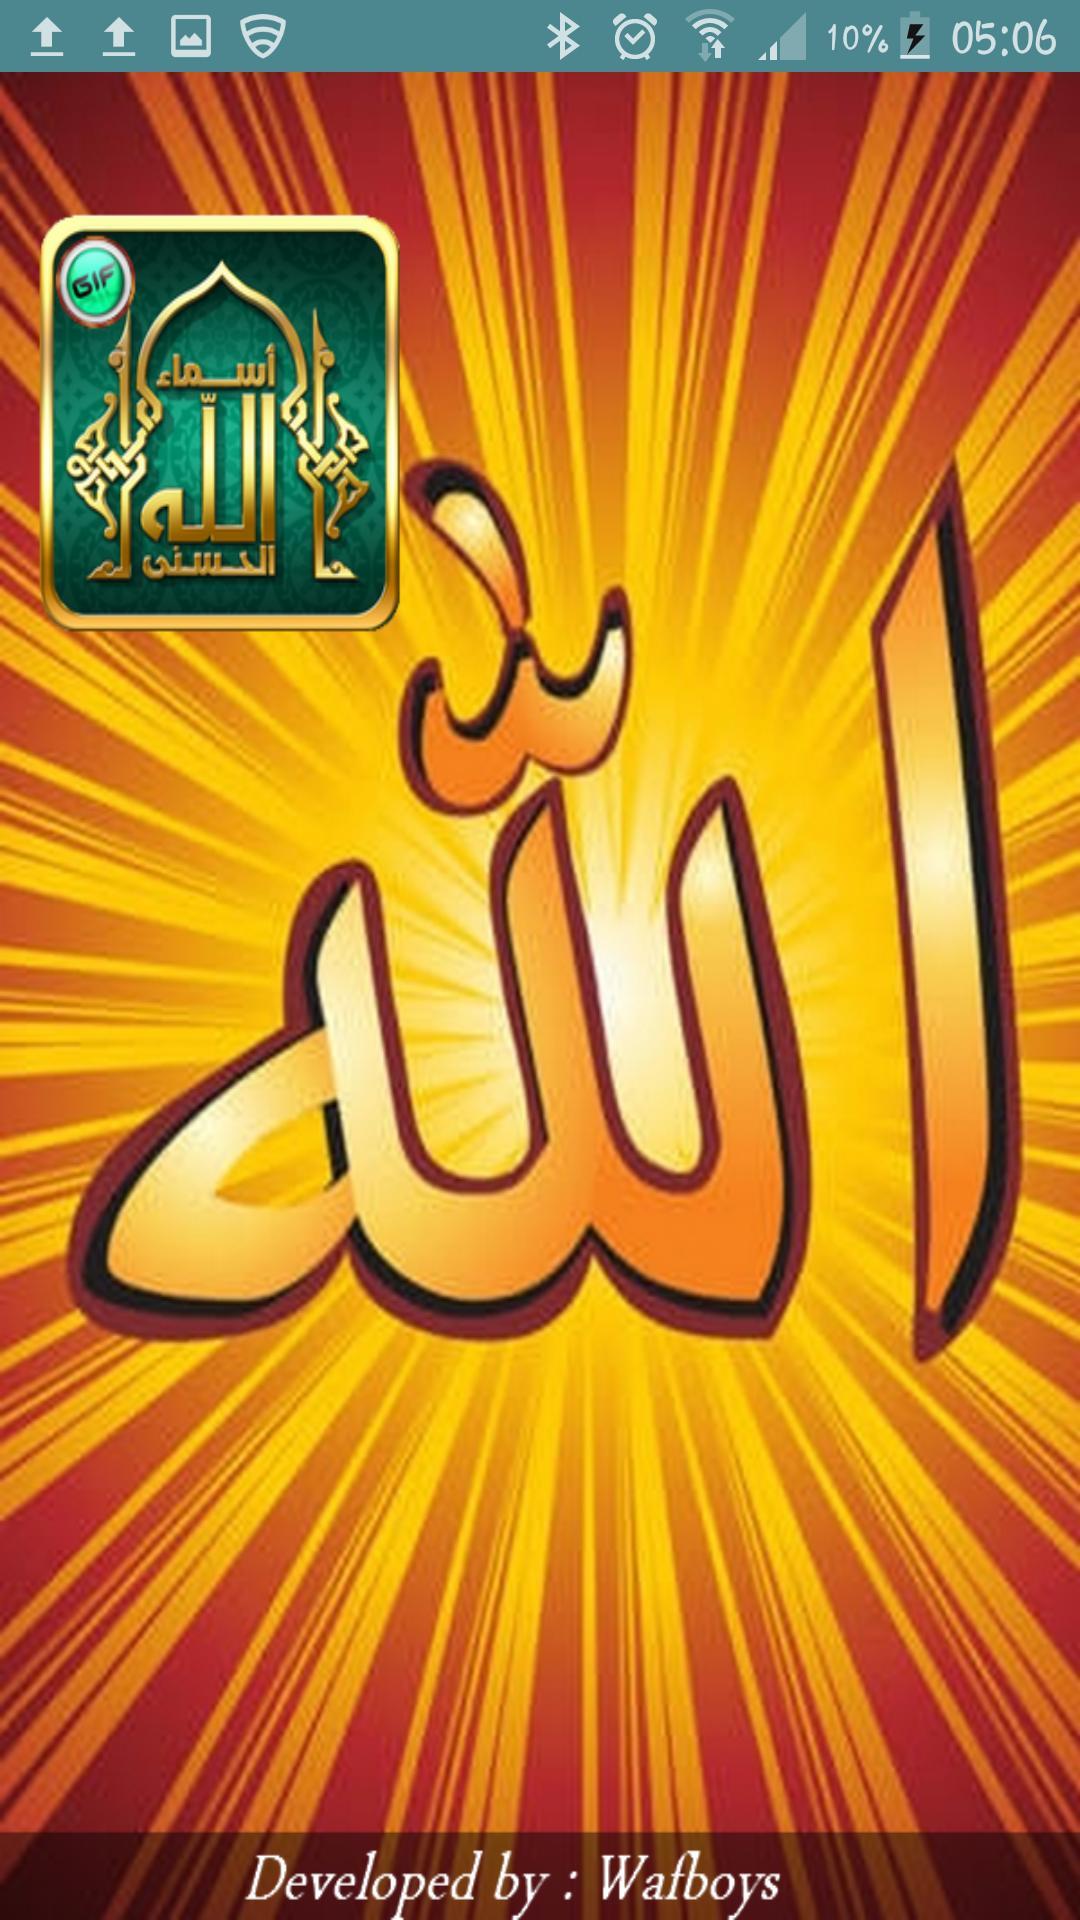 أسماء الله الحسنى متحركة For Android Apk Download